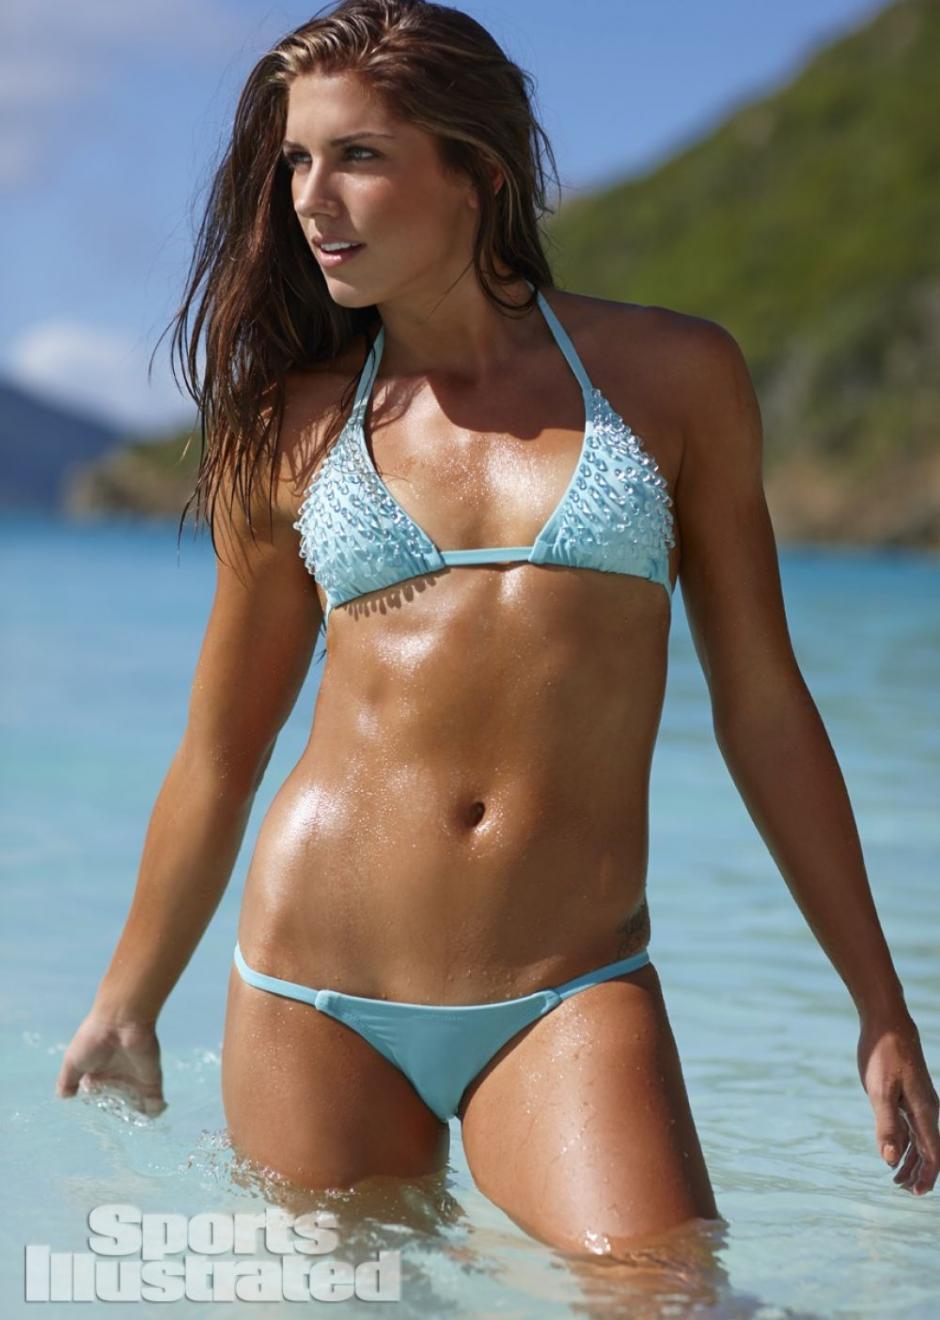 Morgan es considerada por Victoria's Secret como la deportista más sexy. (Foto: Sports Illustrated)